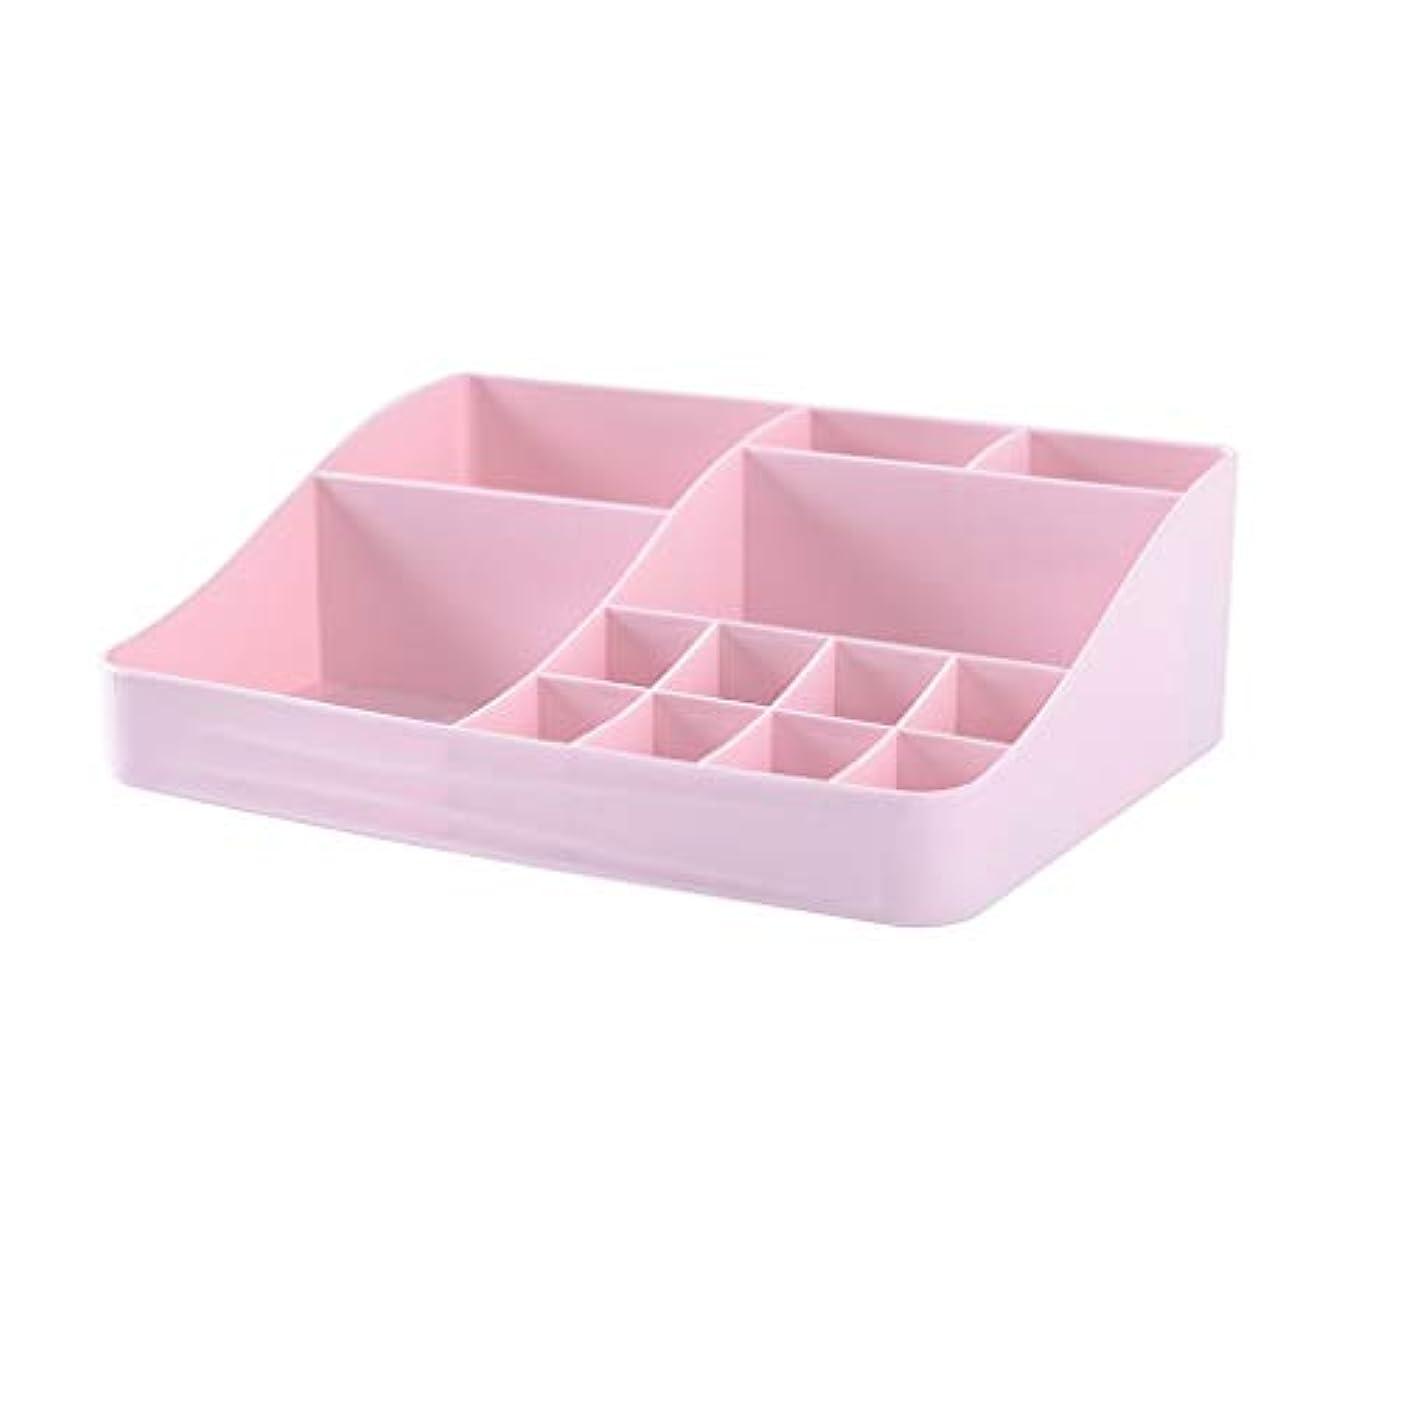 強制的ミニ推測マルチカラー化粧品収納ボックスデスクトッププラスチックジュエリー口紅ネイルオイルデブリ収納ボックスラック (Color : A)